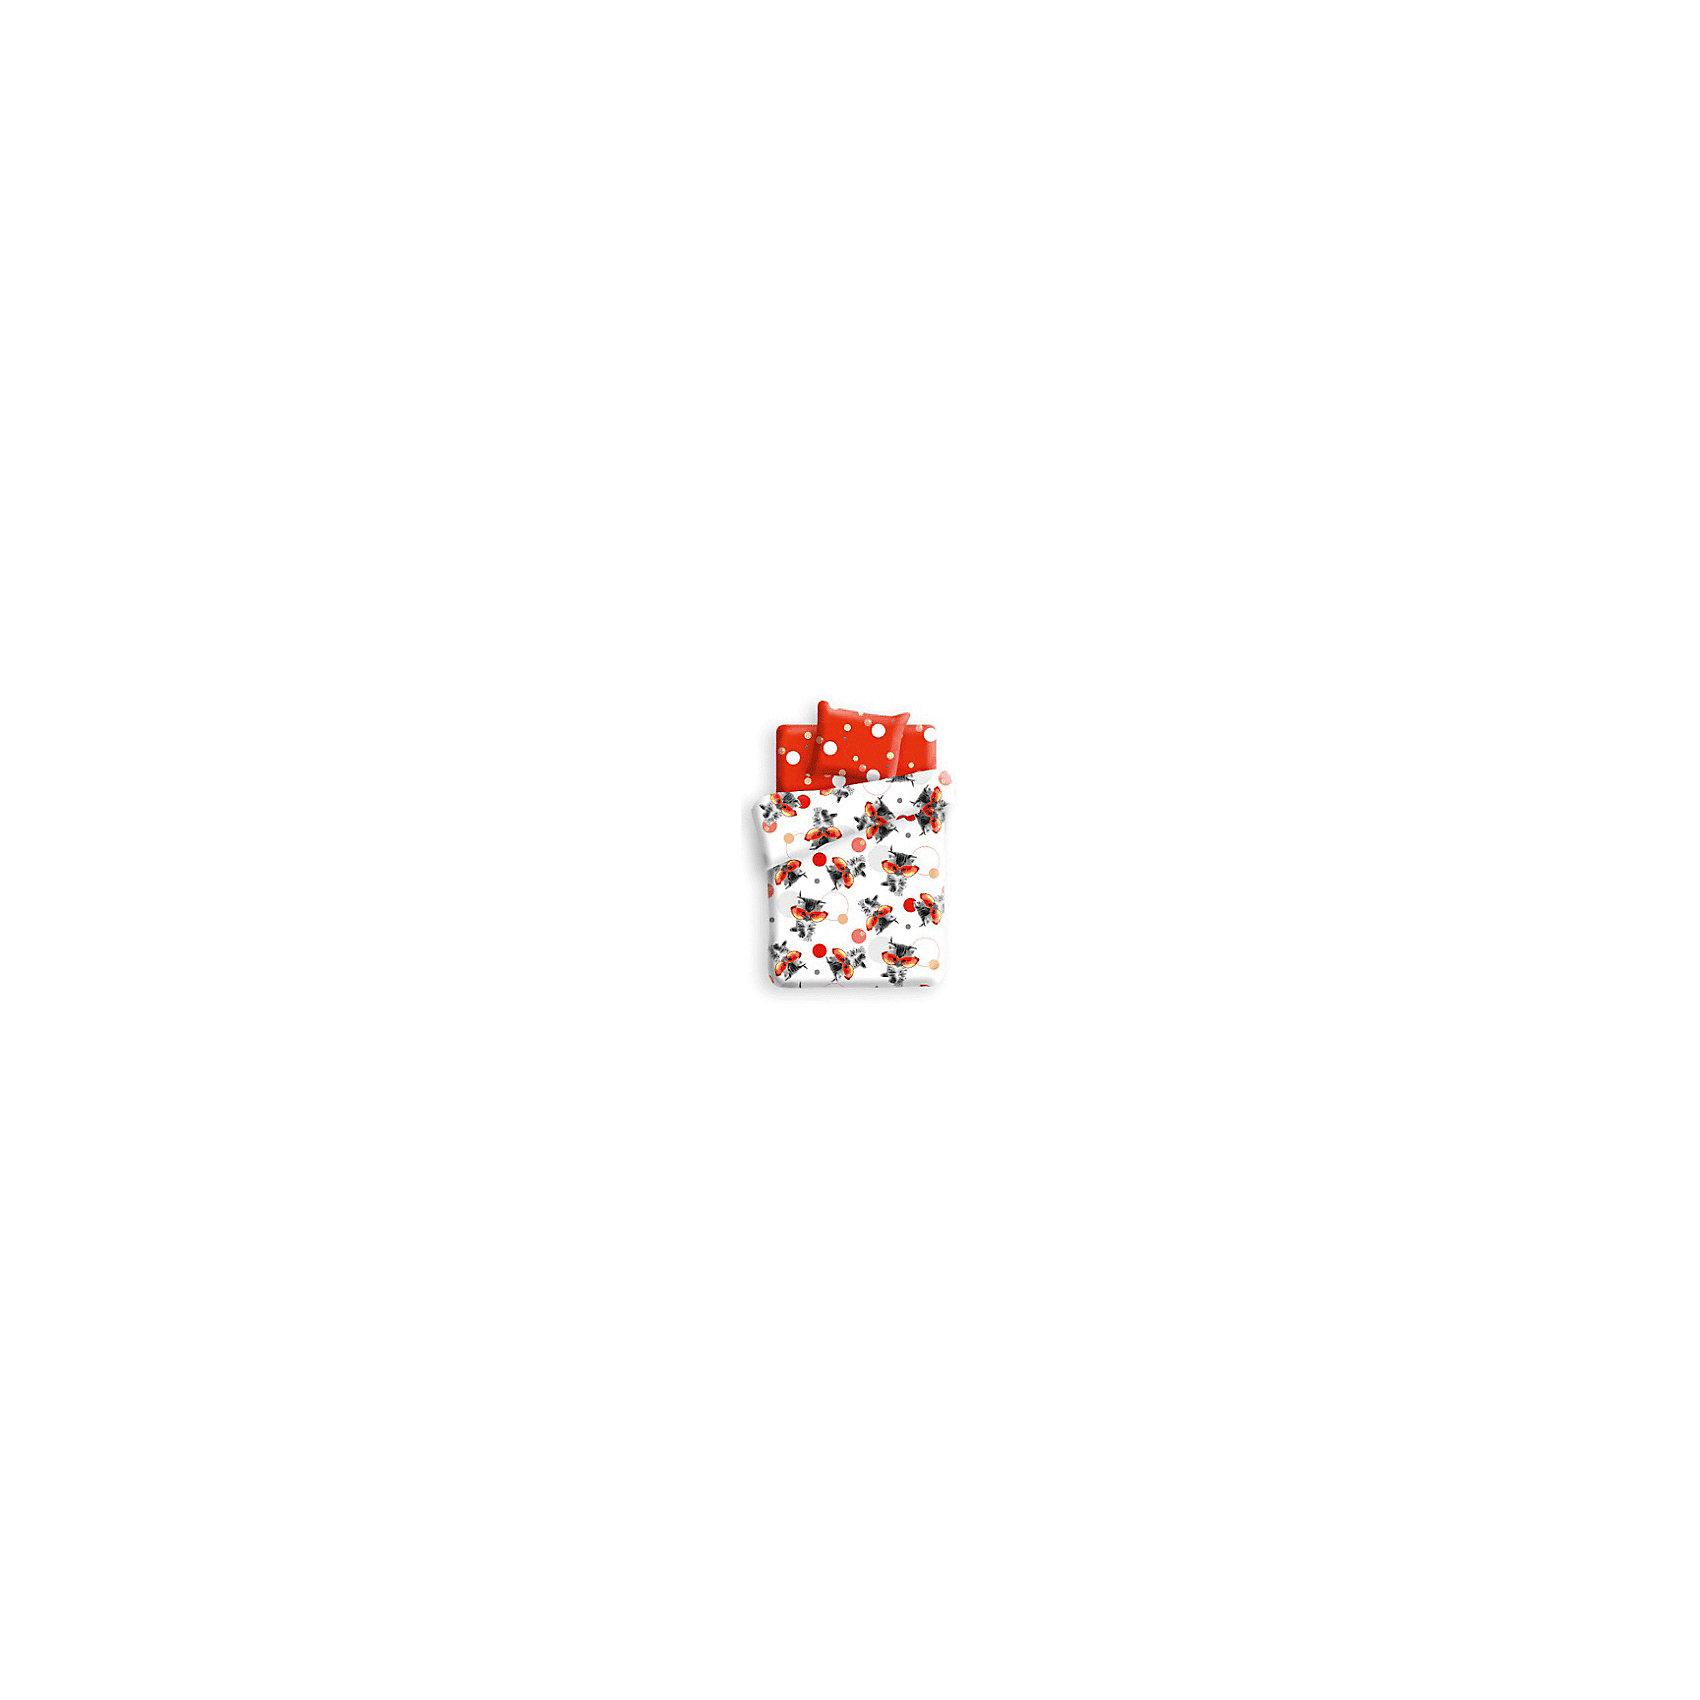 Постельное белье 1,5 бязь, 70*70, FOR YOU, оранжевыйПостельное белье 1,5 бязь, 70*70, FOR YOU, оранжевый – комфортный и красивый КПБ создаст атмосферу уюта в детской комнате.<br>Постельное белье из коллекции FOR YOU - это новый стиль, модные тенденции для ребят в предподростковом возрасте 8-12 лет. Пододеяльник оформлен изображениями котят в больших оранжевых очках. Дизайн наволочки и простыни гармонично дополняет основной рисунок пододеяльника. Белье абсолютно натуральное, гипоаллергенное, соответствует строжайшим экологическим нормам безопасности, комфортное, дышащее, не нарушает естественные процессы терморегуляции, прочное, не линяет, не деформируется и не теряет своих красок даже после многочисленных стирок, а также отличается хорошей износостойкостью.<br><br>Дополнительная информация:<br><br>- 1,5 спальный<br>- В комплекте: пододеяльник 215х143 см, простыня 214х150 см, наволочка 1 шт. 70х70 см.<br>- Тип застежки: прорезь<br>- Материал: бязь (100% хлопок)<br><br>Постельное белье 1,5 бязь, 70*70, FOR YOU, оранжевое можно купить в нашем интернет-магазине.<br><br>Ширина мм: 230<br>Глубина мм: 350<br>Высота мм: 40<br>Вес г: 1200<br>Возраст от месяцев: 48<br>Возраст до месяцев: 144<br>Пол: Унисекс<br>Возраст: Детский<br>SKU: 4945329